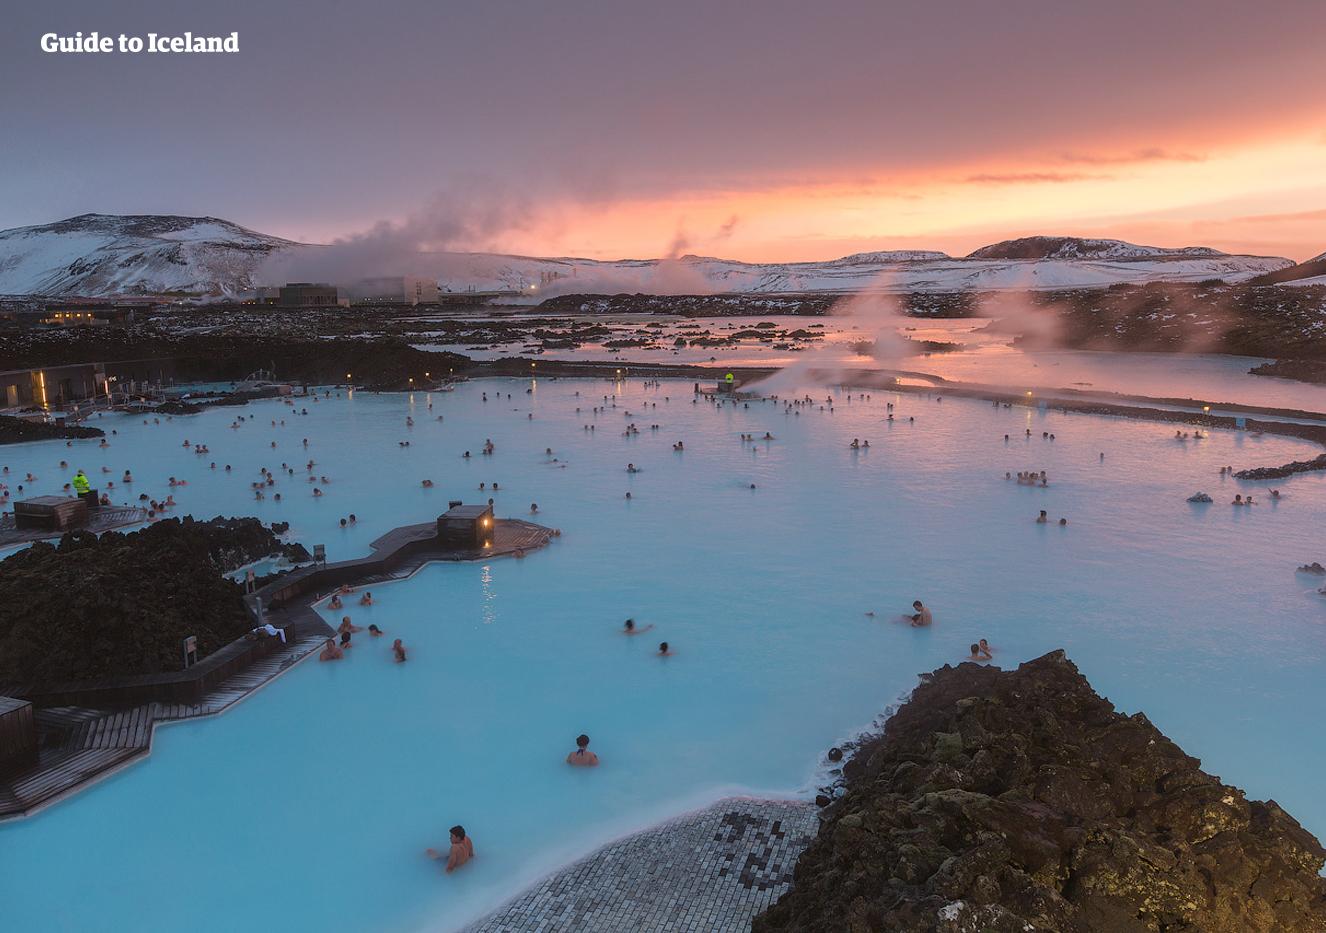 选择冰岛冬季自驾套餐,在蓝湖温泉的冬日美景中放松身心